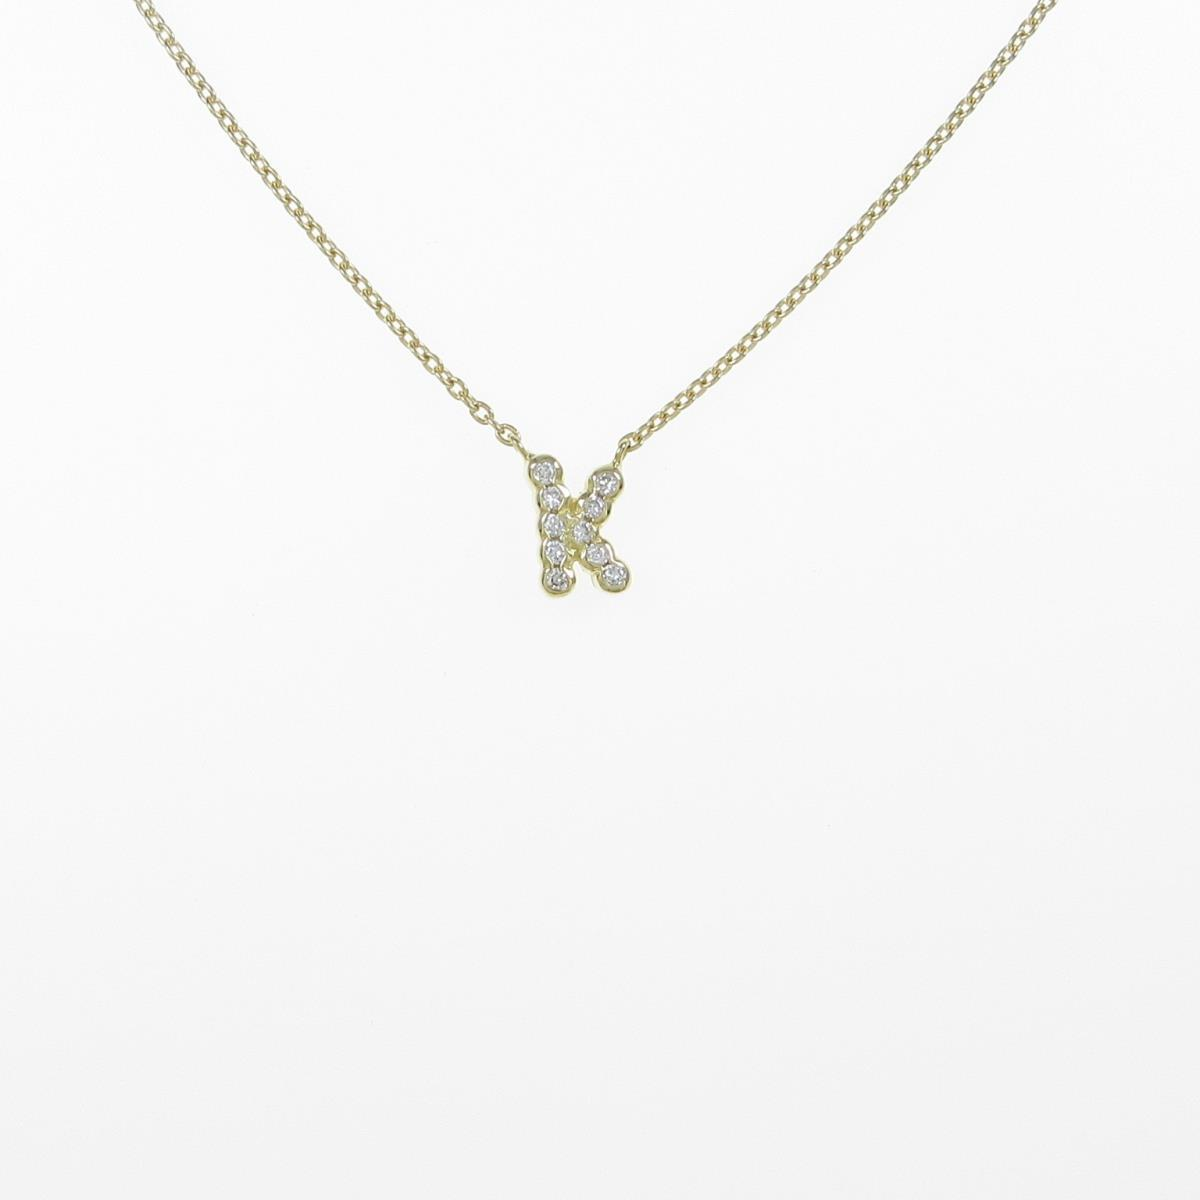 K18YG 限定価格セール イニシャルK 中古 オンラインショップ ダイヤモンドネックレス